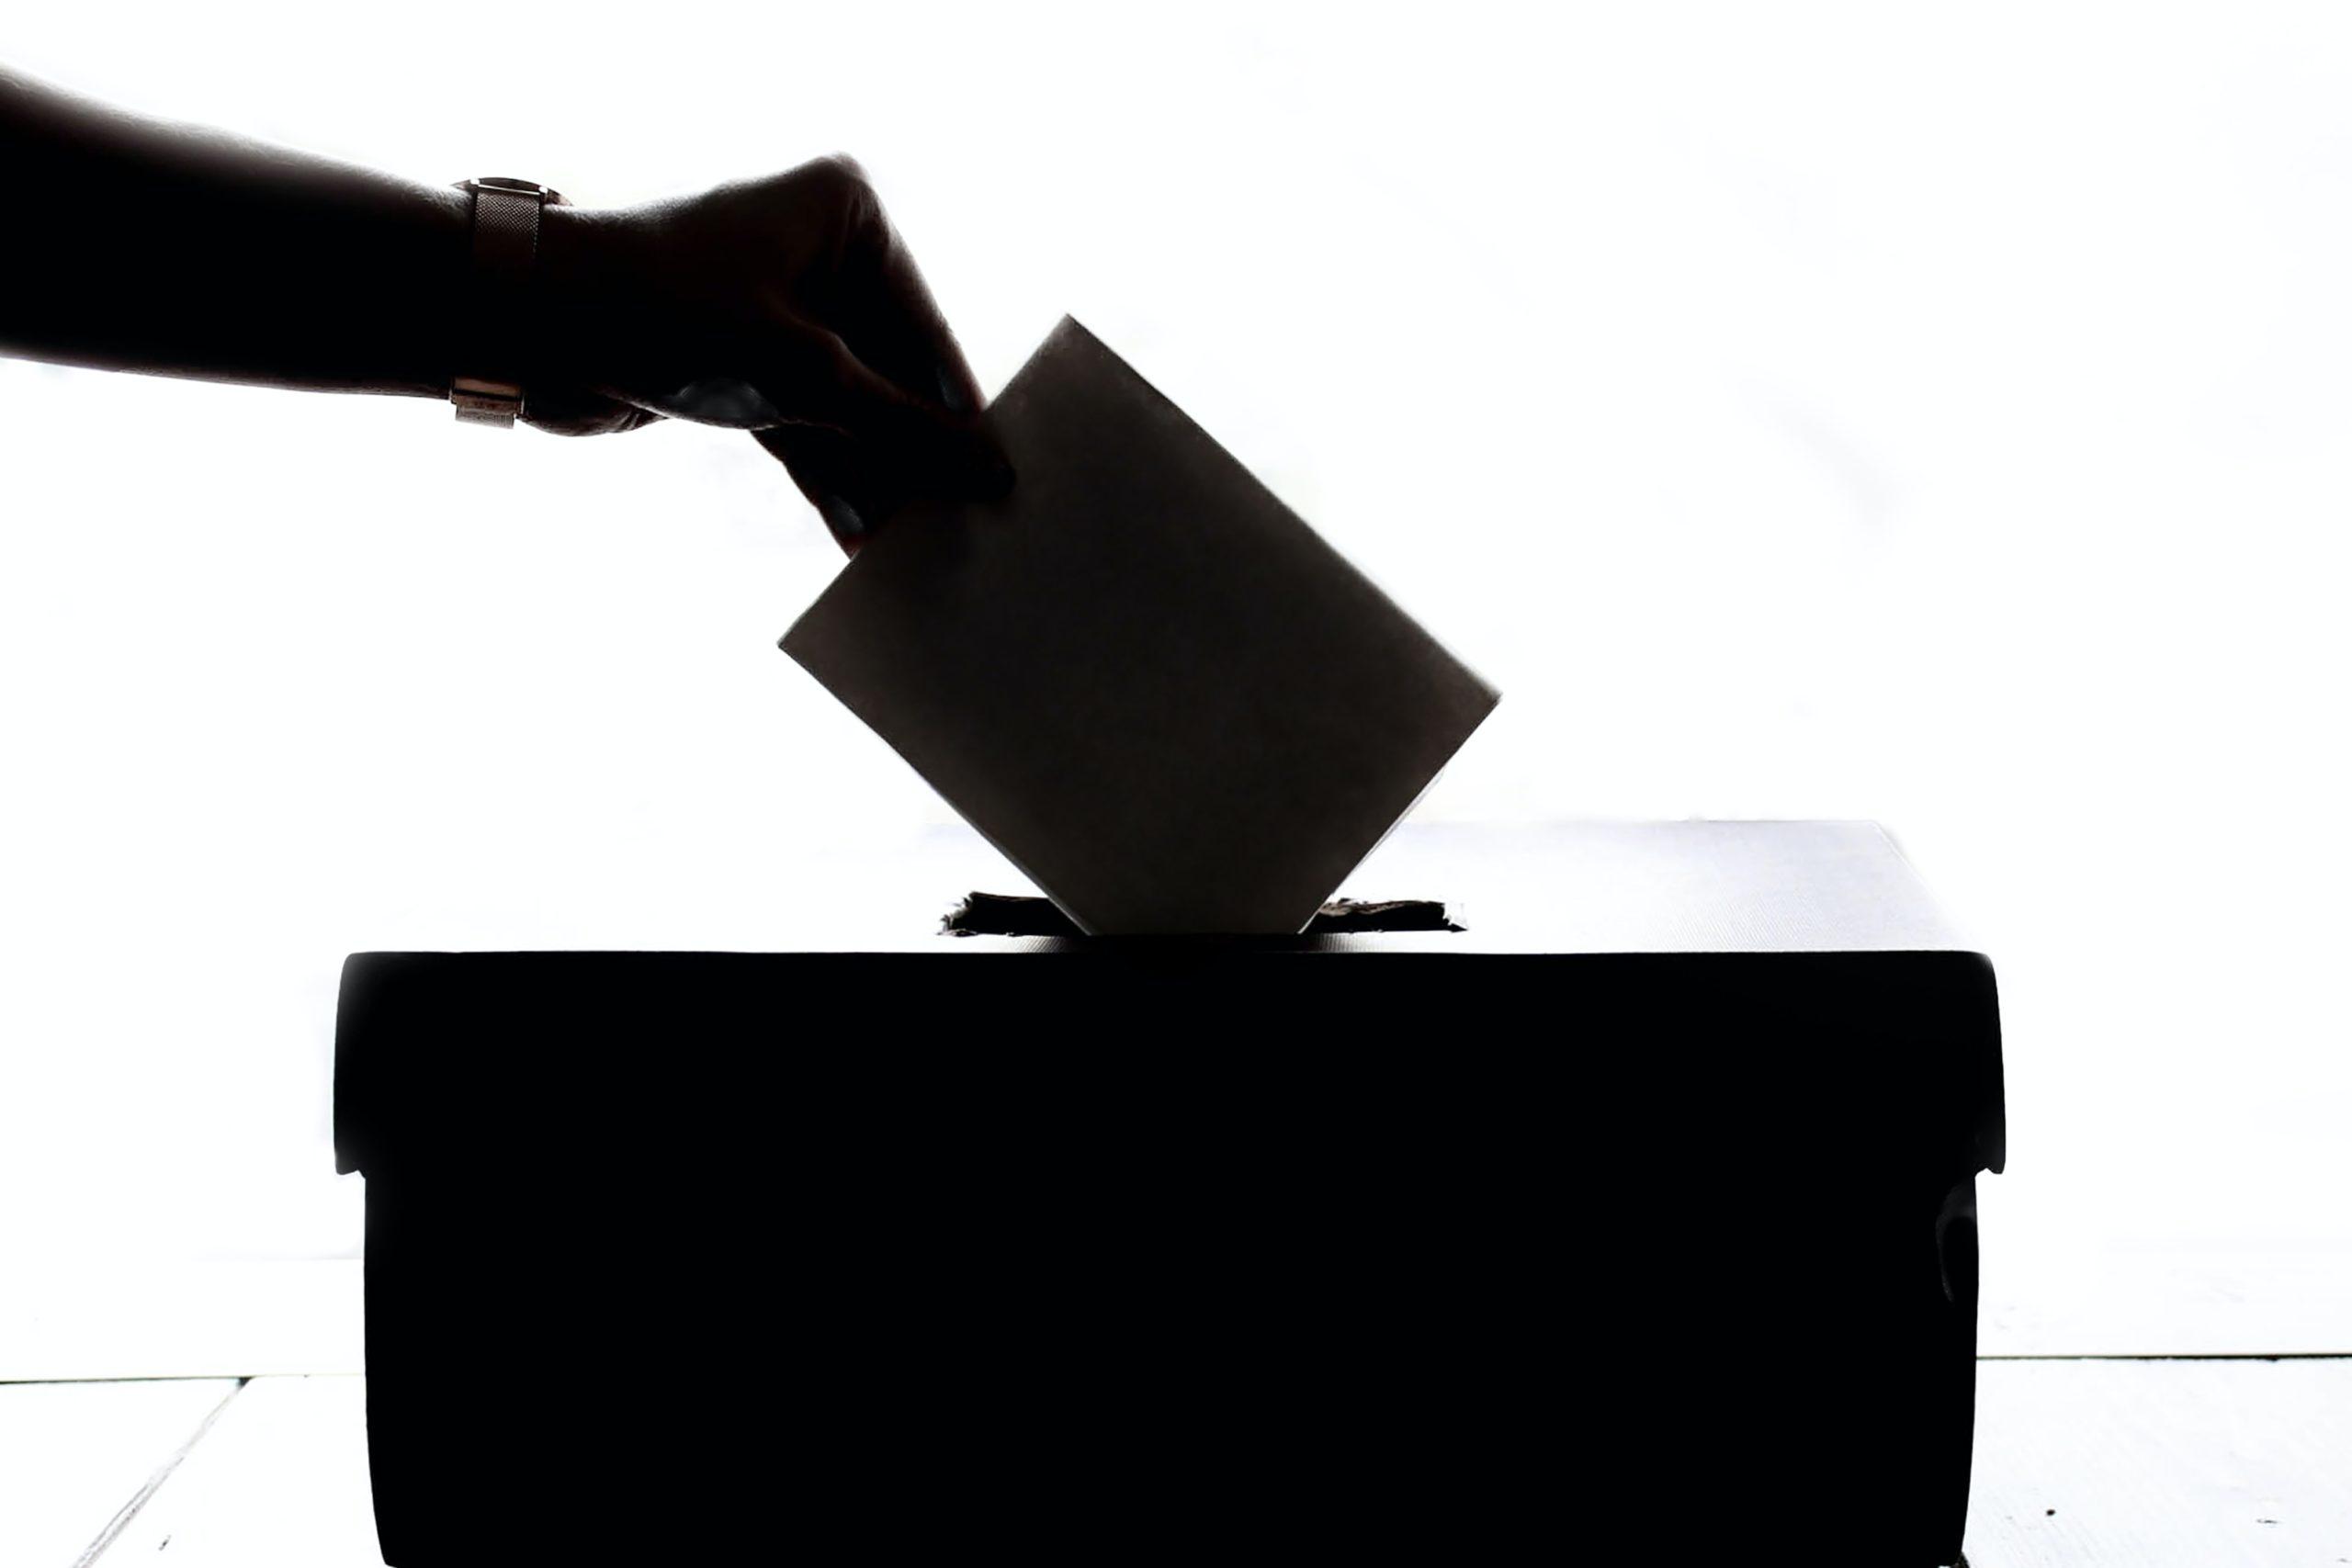 Lei da integridade eleitoral da Geórgia: eleitores desaprovam intromissão da Coca-Cola